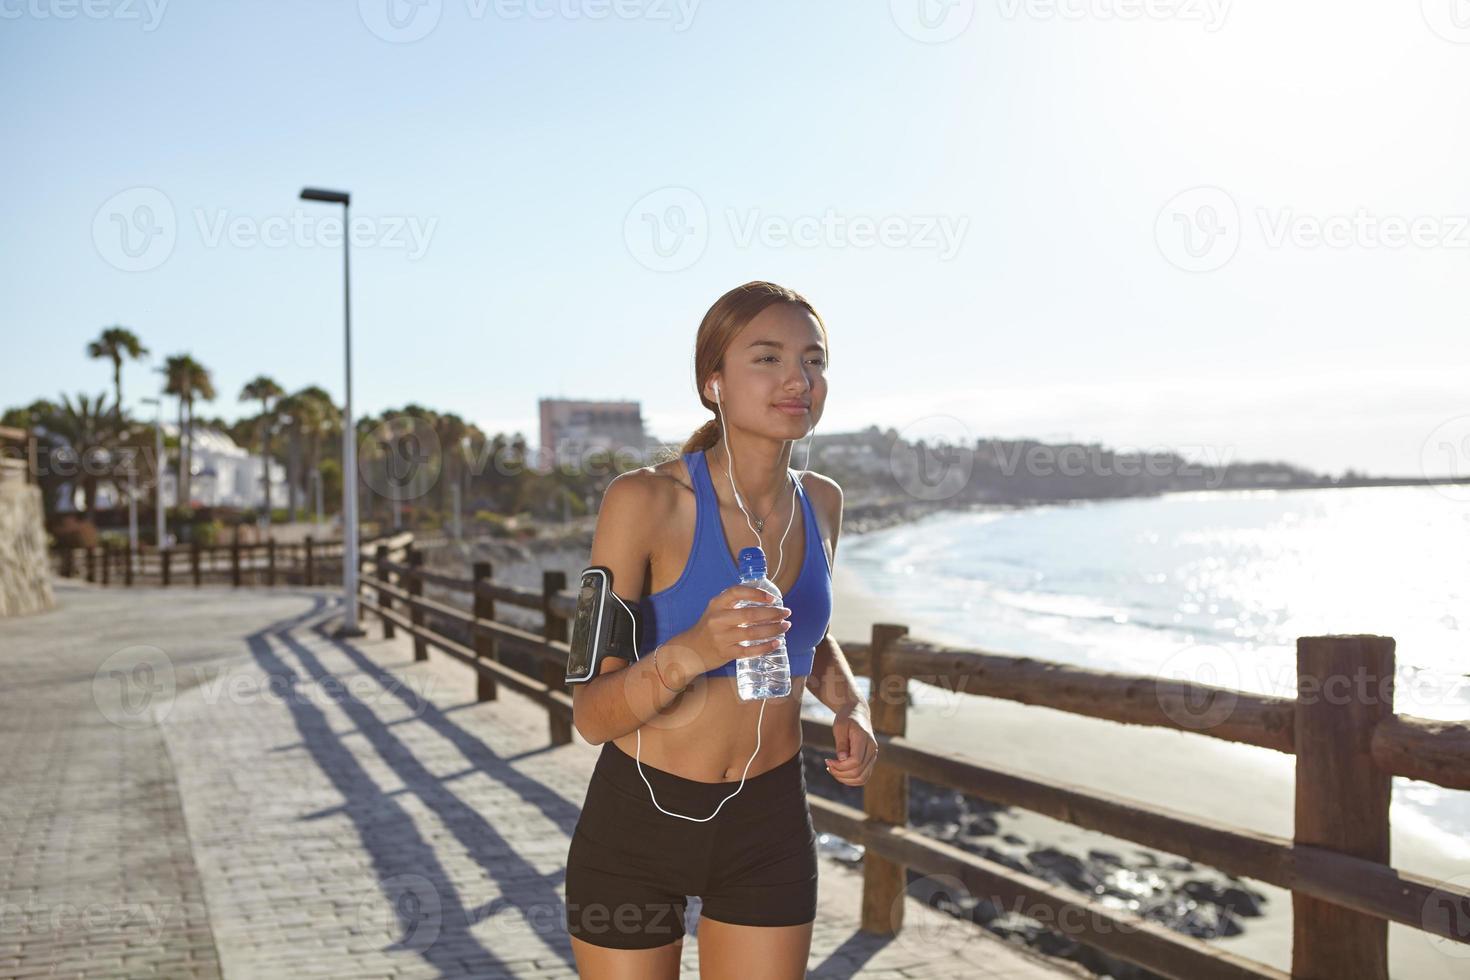 giovane atleta in esecuzione sulla spiaggia foto